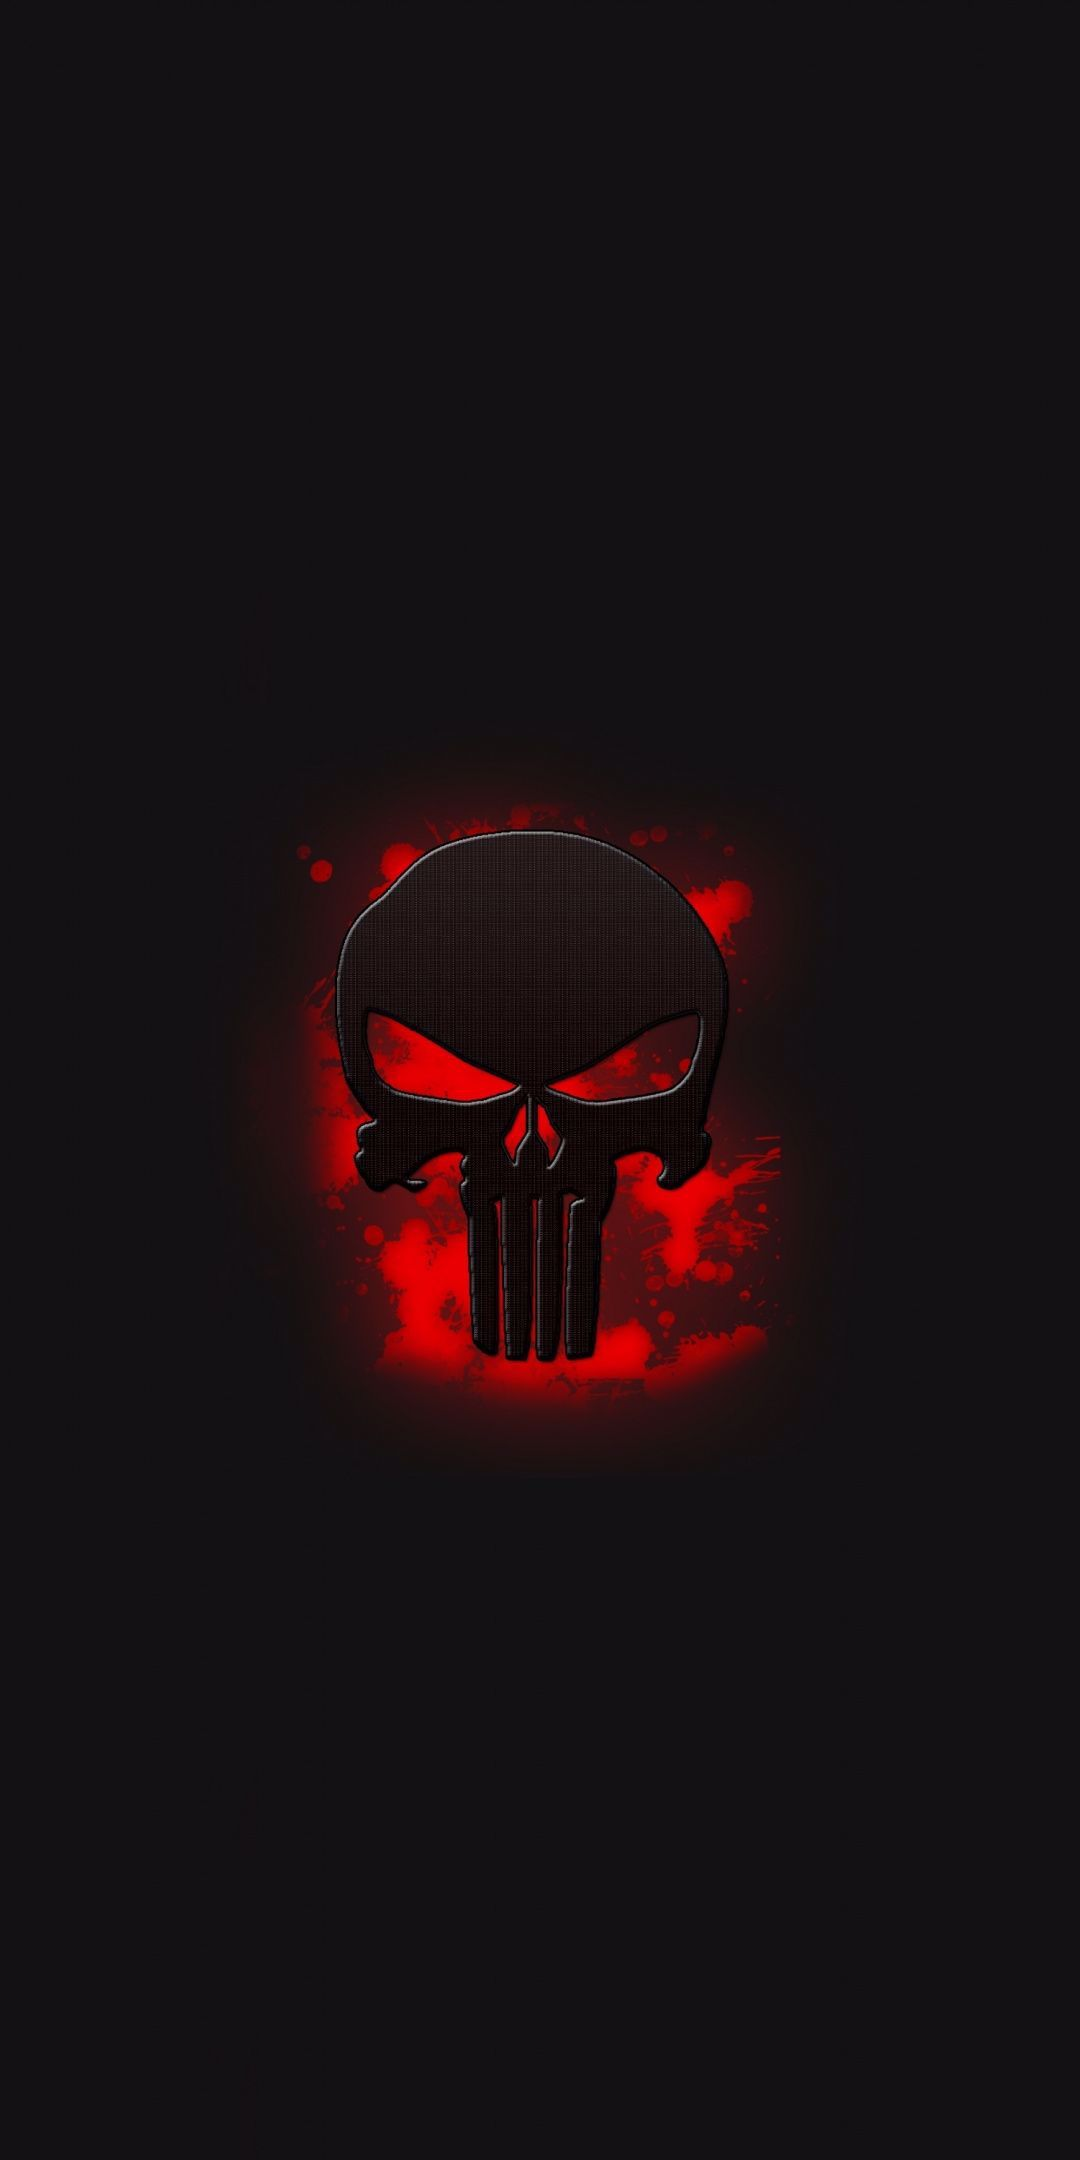 The Punisher, skull, logo, art, 1080x2160 wallpaper in